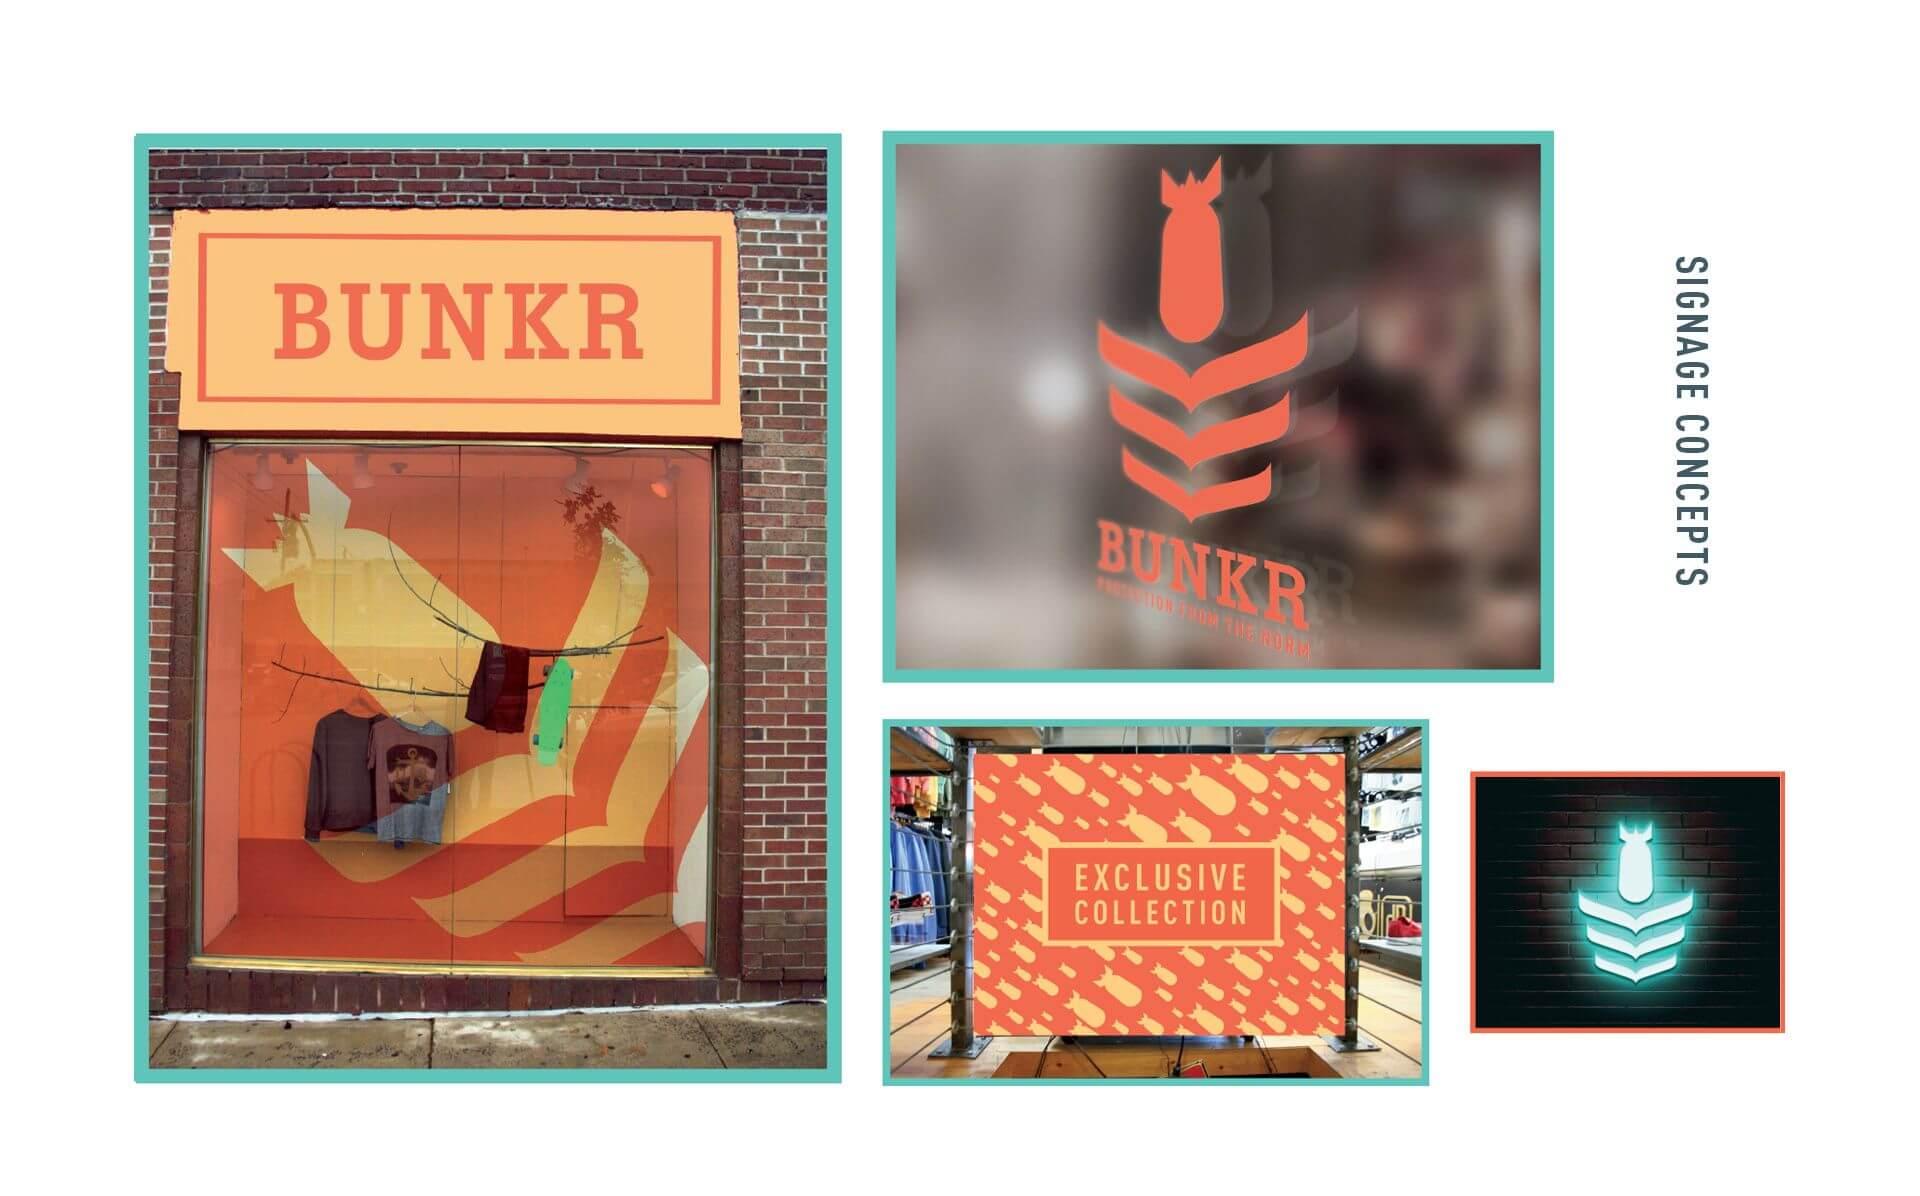 bunkr-signage